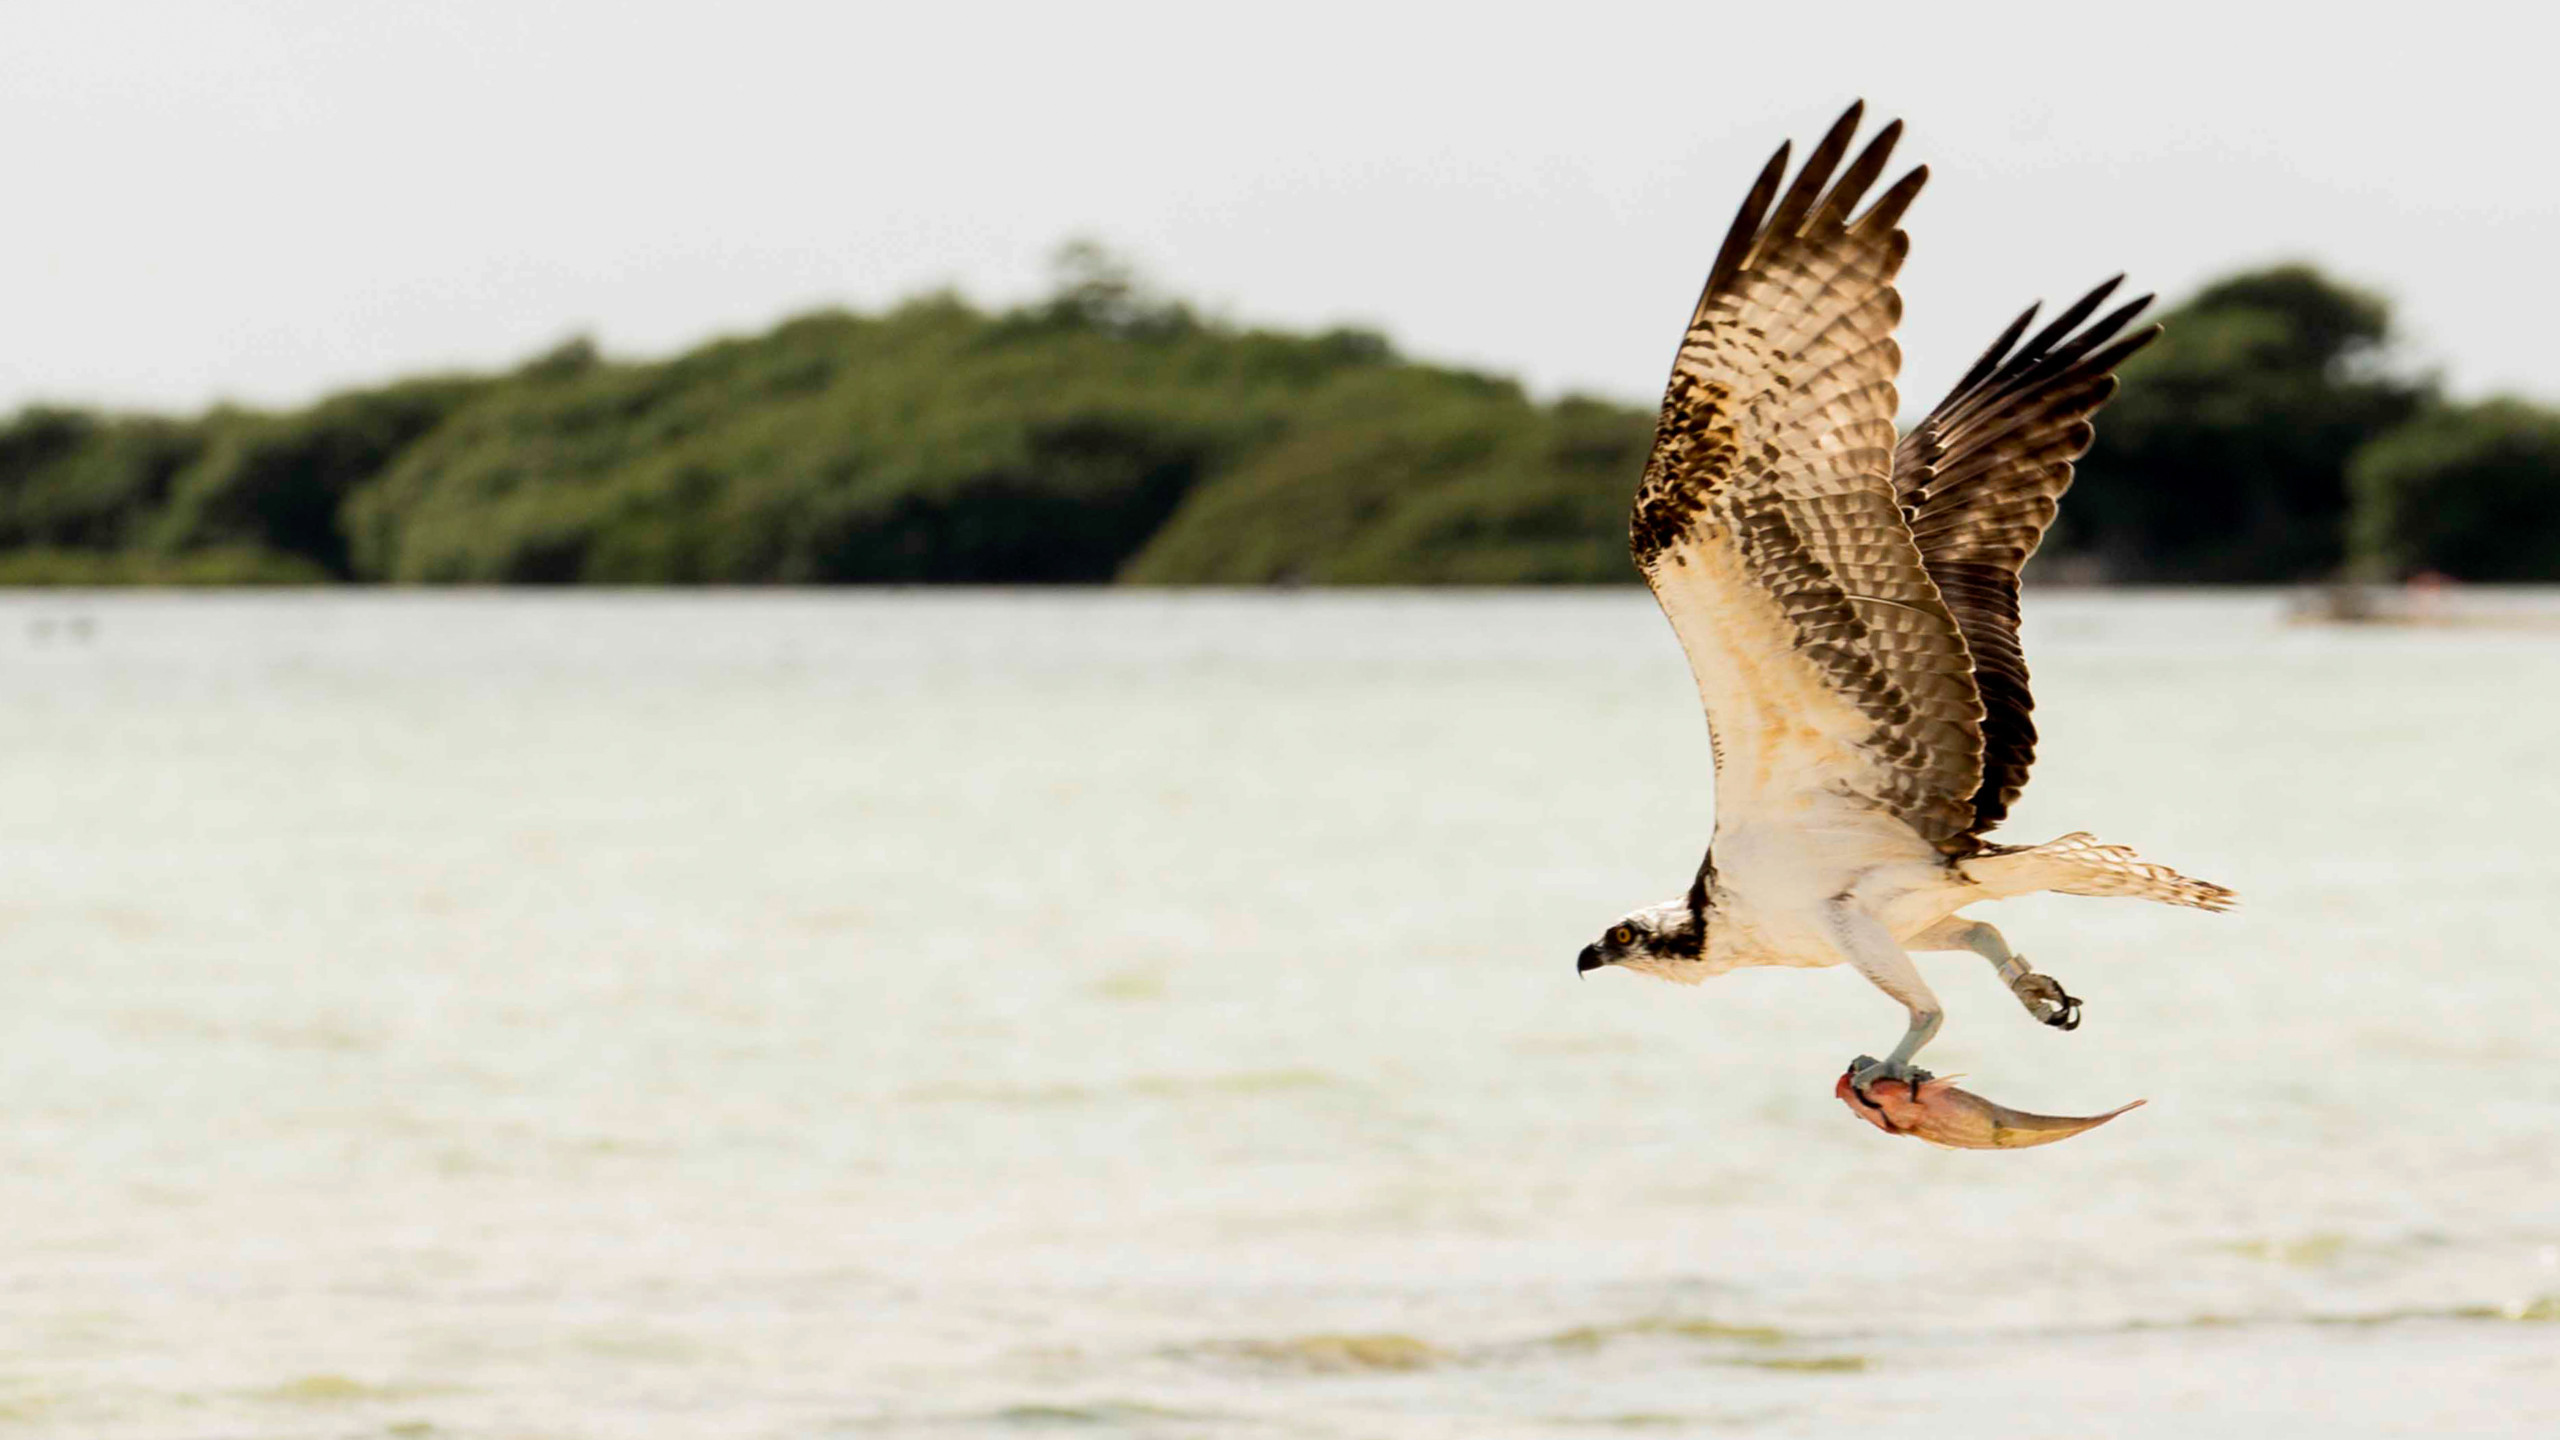 Mangroves, Flamingos & Sand